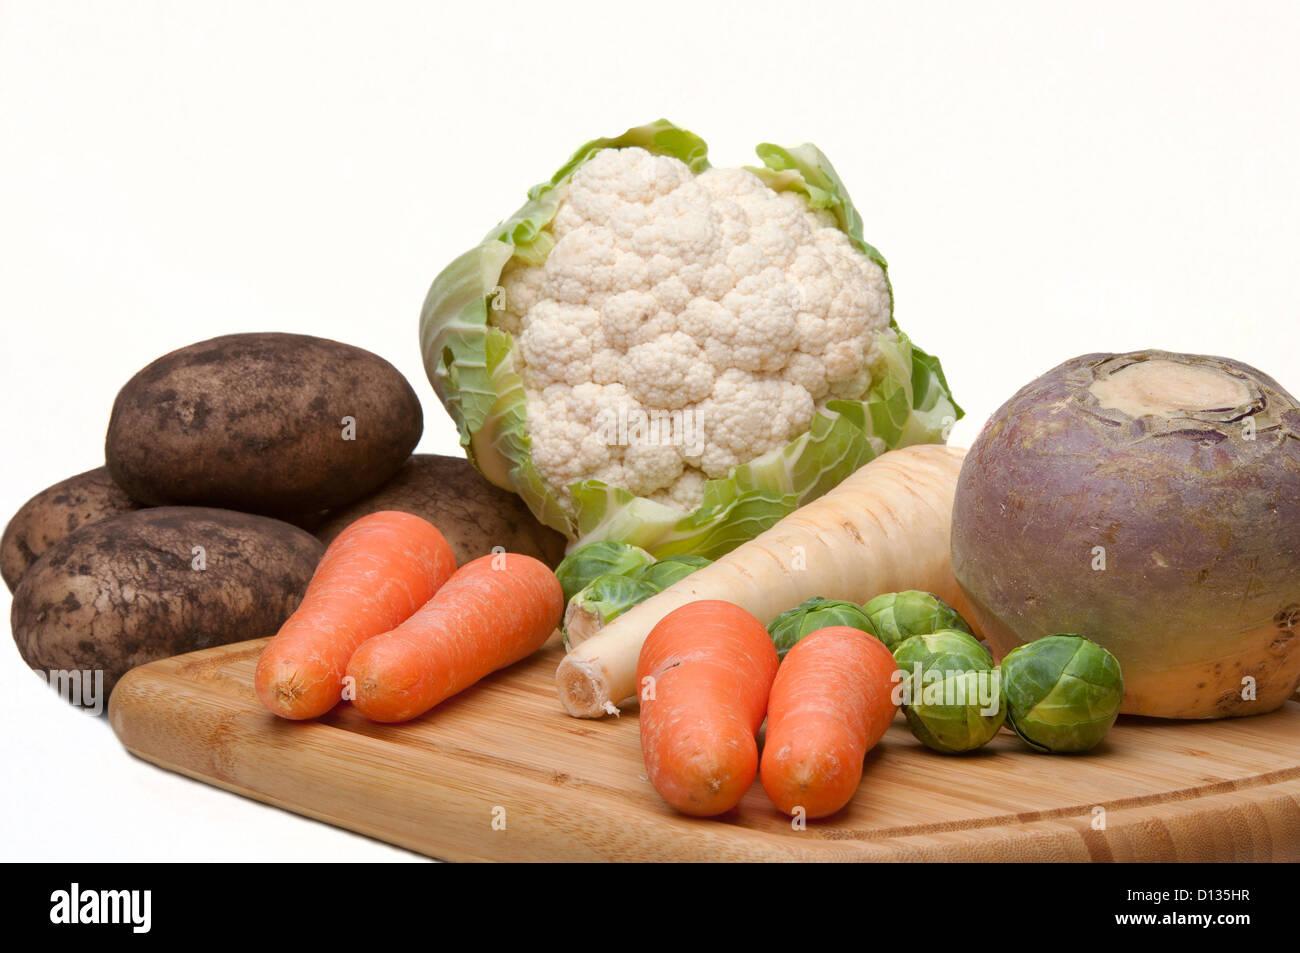 Una selección de hortalizas de invierno incluyendo sueco,alcachofa,zanahorias, Brussel, patatas y coliflor Imagen De Stock